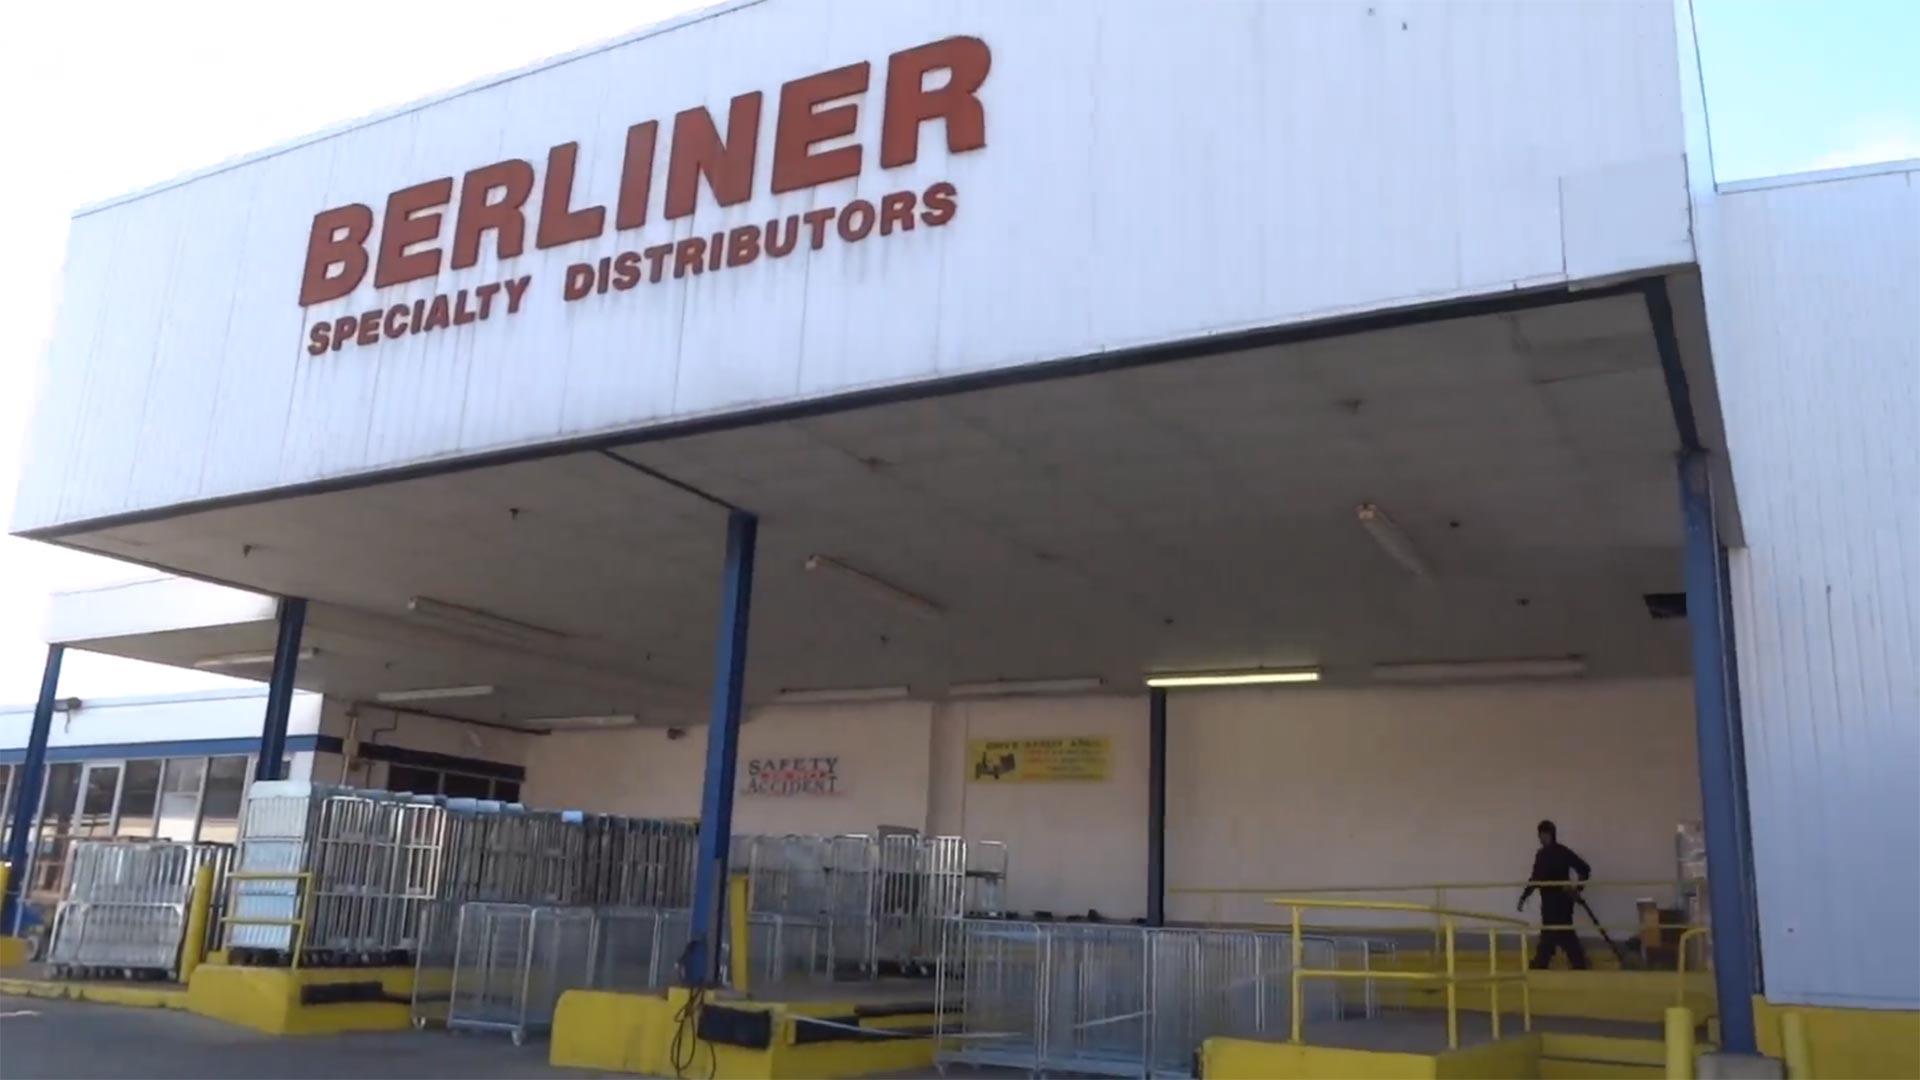 Home | Berliner Specialty Distributors